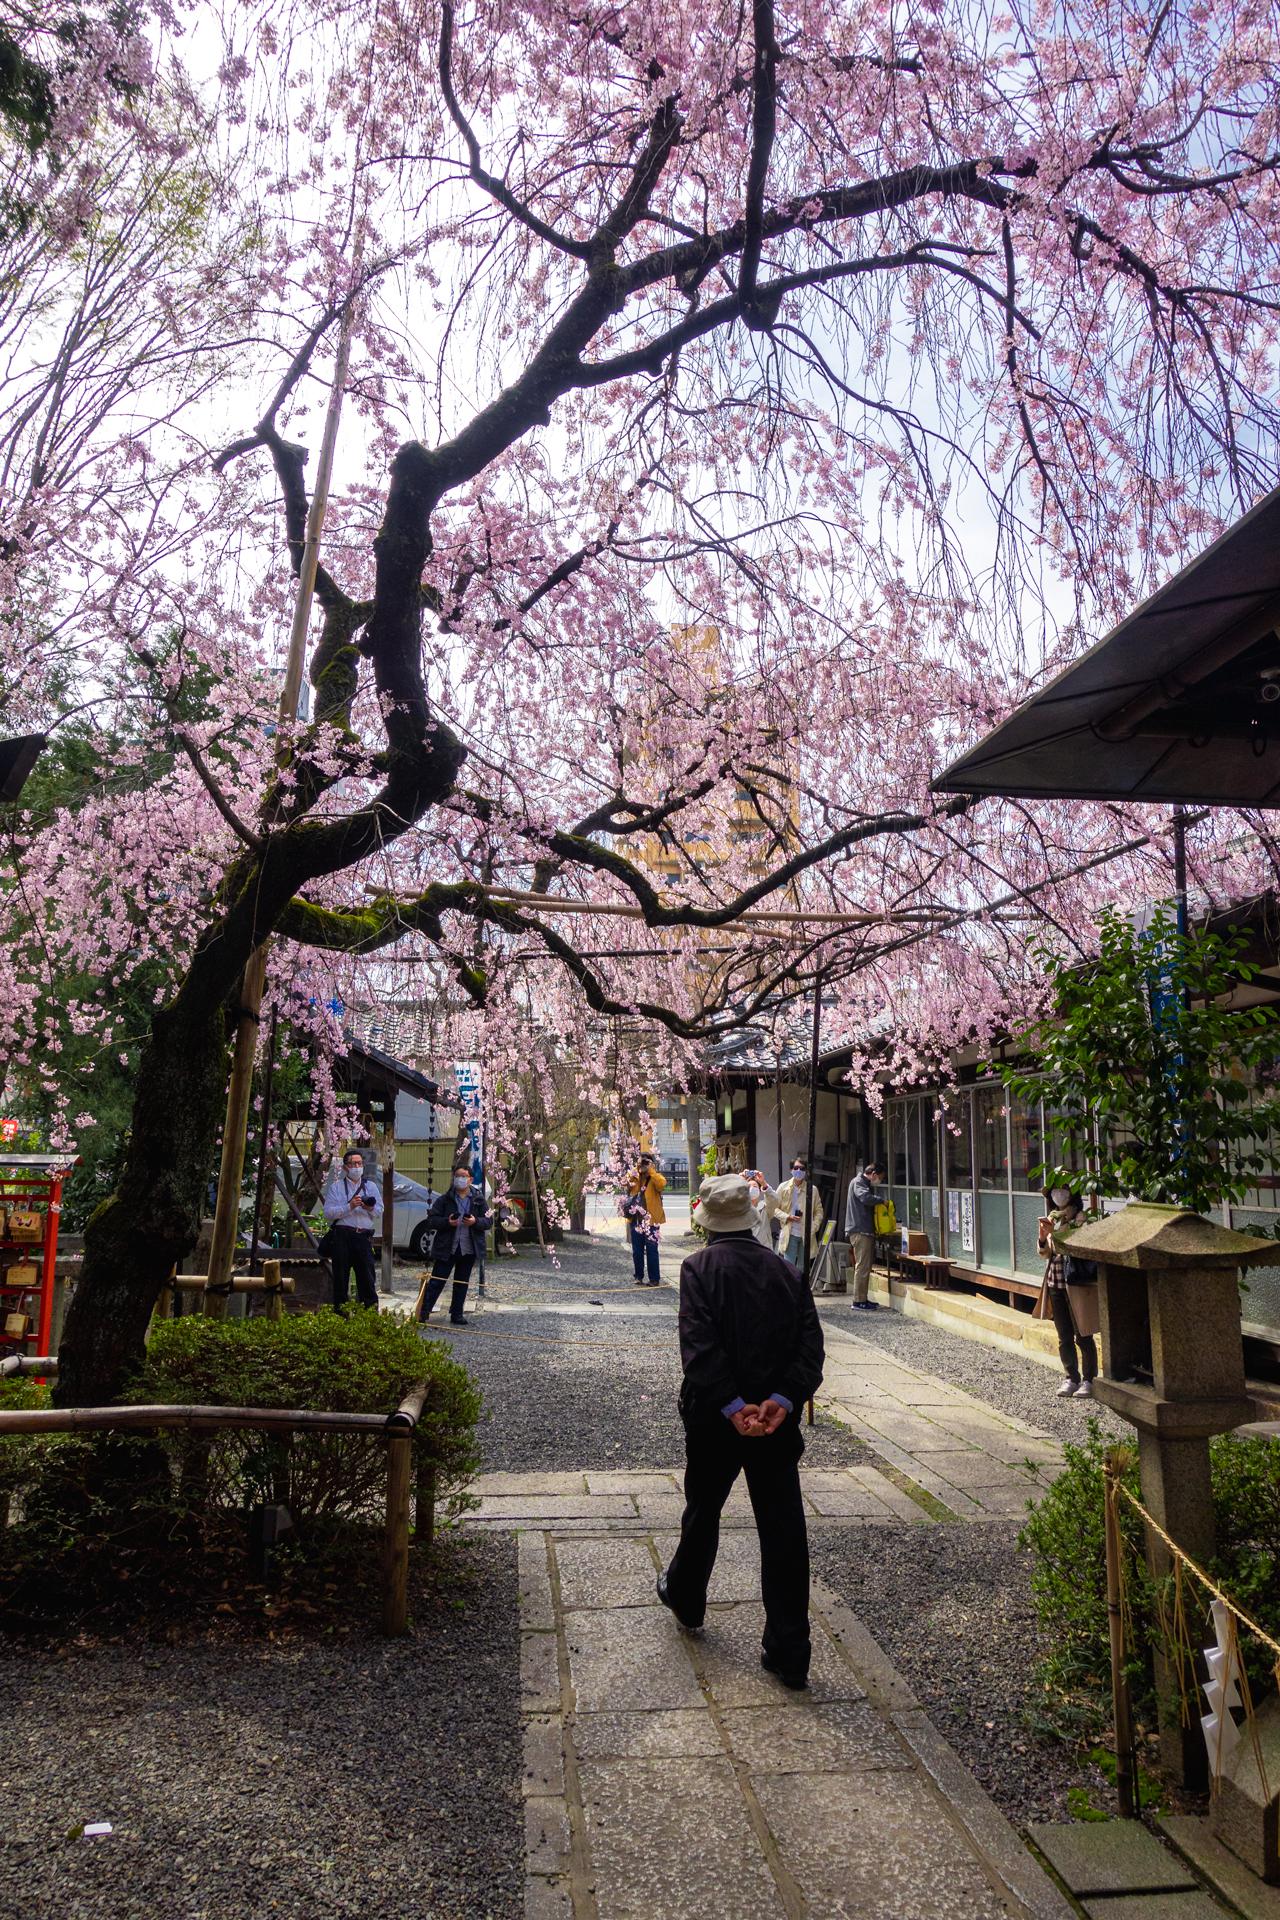 DSC05112 京都府 水火天満宮(境内に咲く紅枝垂桜が美しいおすすめの桜スポット! 写真の紹介、アクセス情報など)